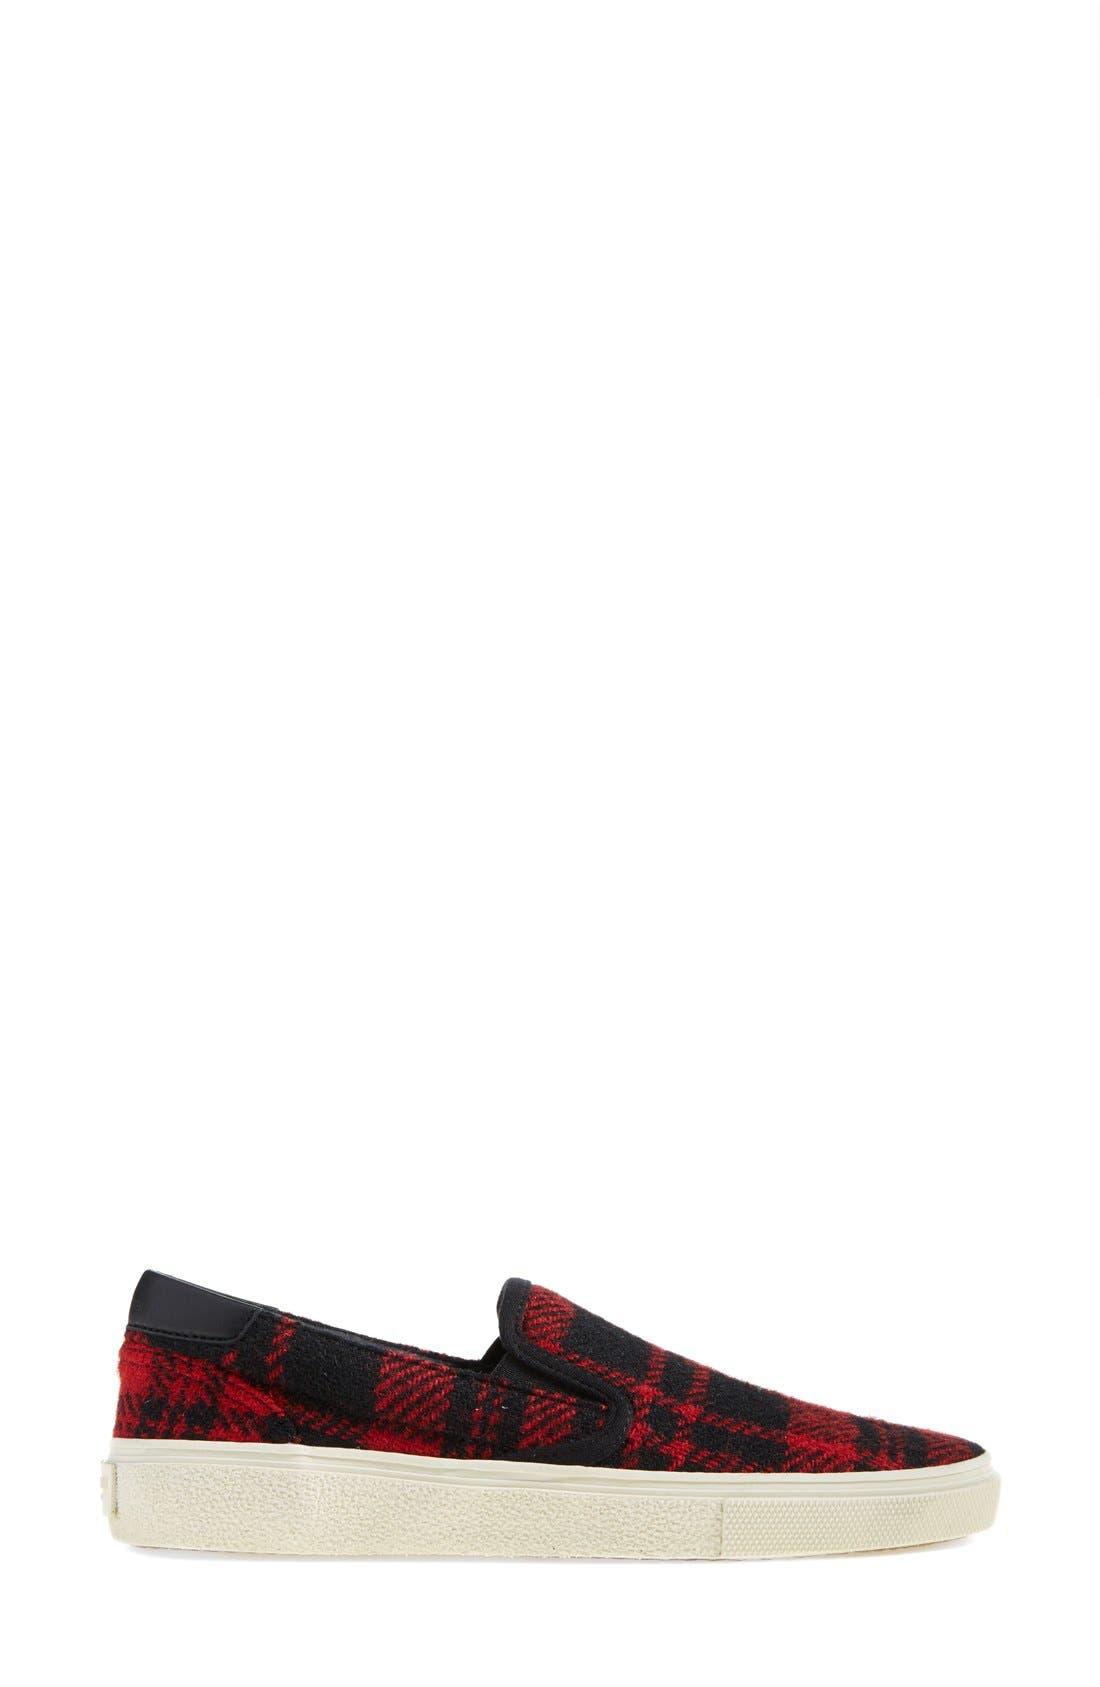 Alternate Image 4  - Saint Laurent 'Skate' Slip-On Sneaker (Women)